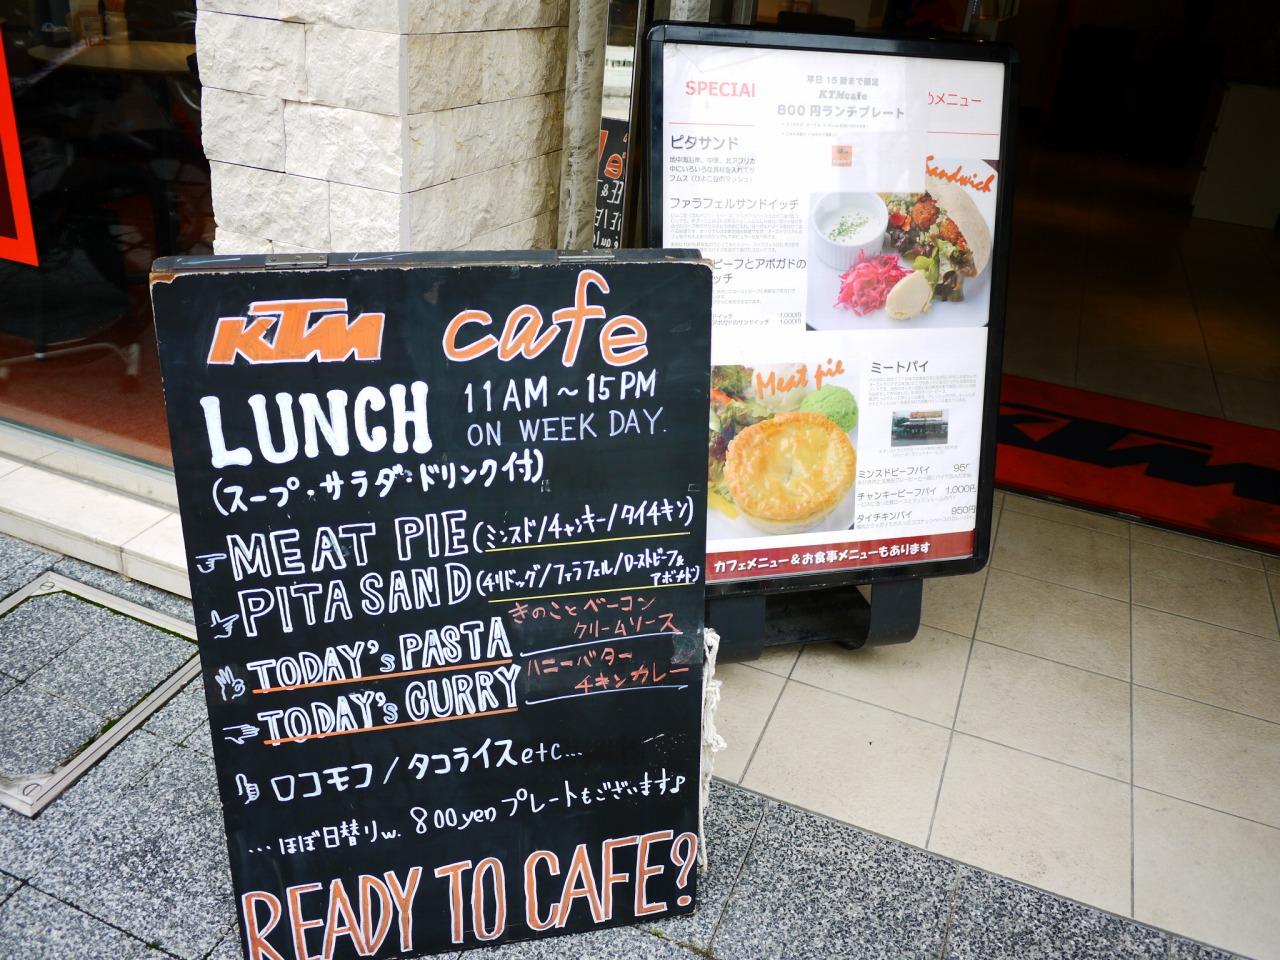 【閉店】KTM Cafe(ケーティーエム カフェ)原宿